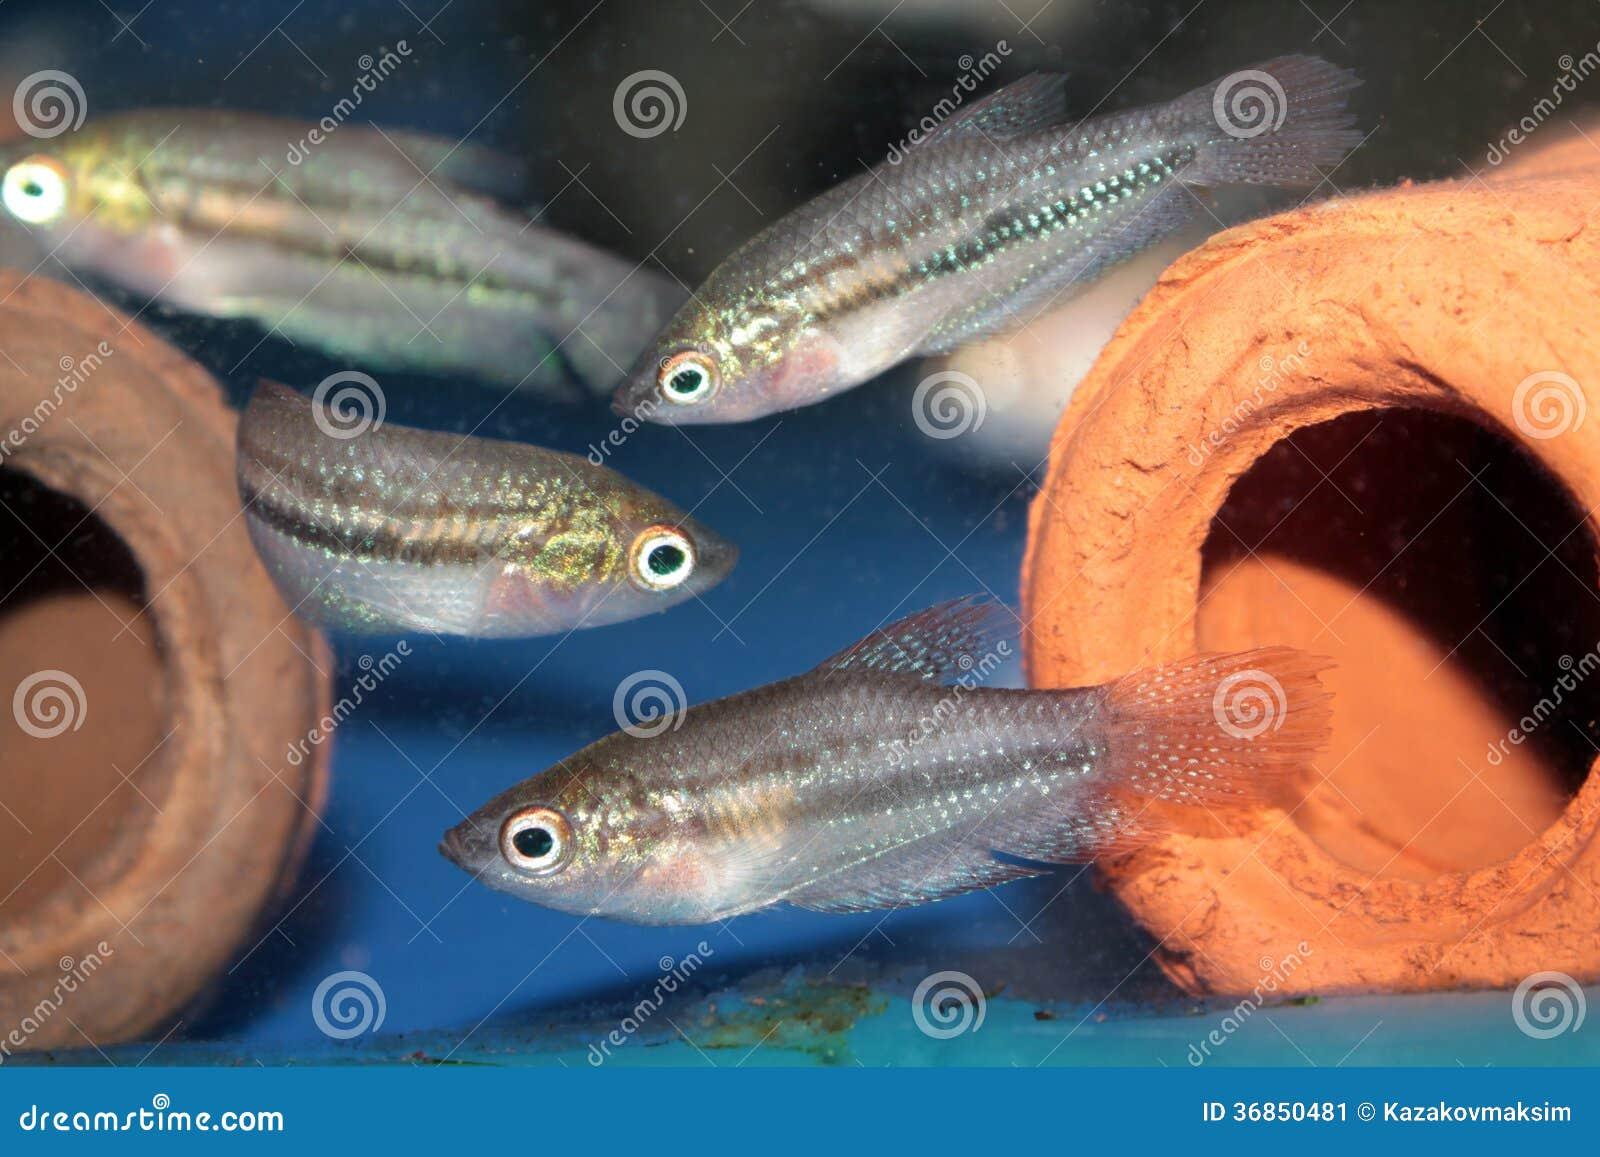 Pygmy Gourami (Trichopsis Pumilus) Aquarium Fish Stock Image - Image ...